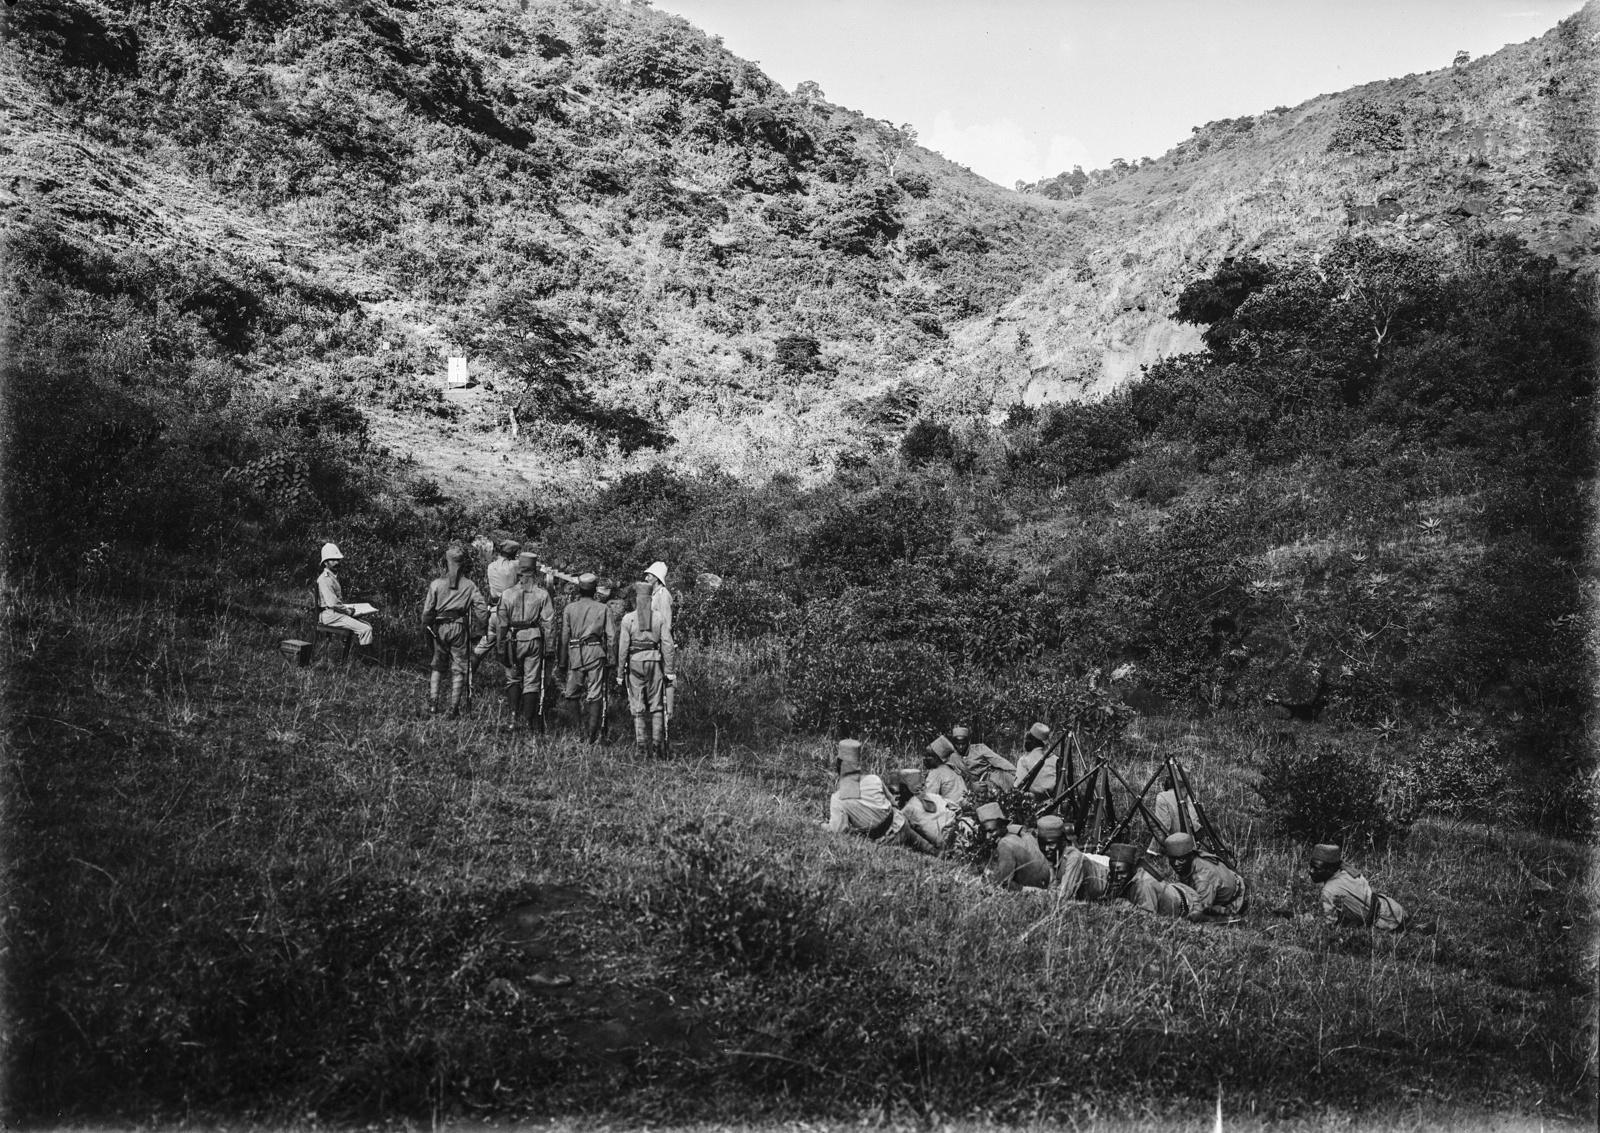 83. Учебные стрельбы. Солдаты немецких колониальных войск , оснащенные огнестрельным оружием Mauser Model 71